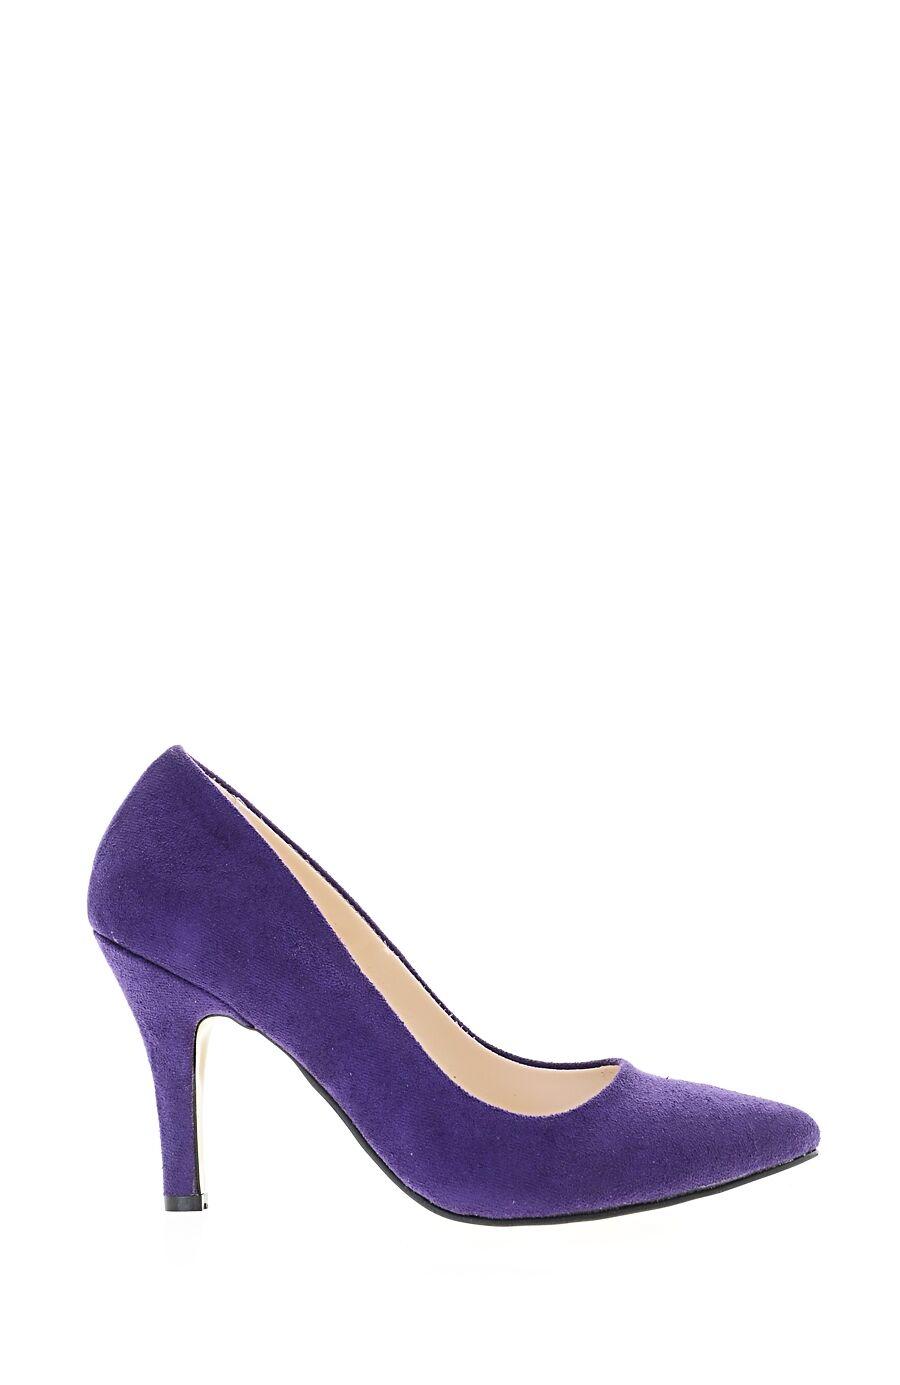 Mor Süet Topuklu Ayakkabı